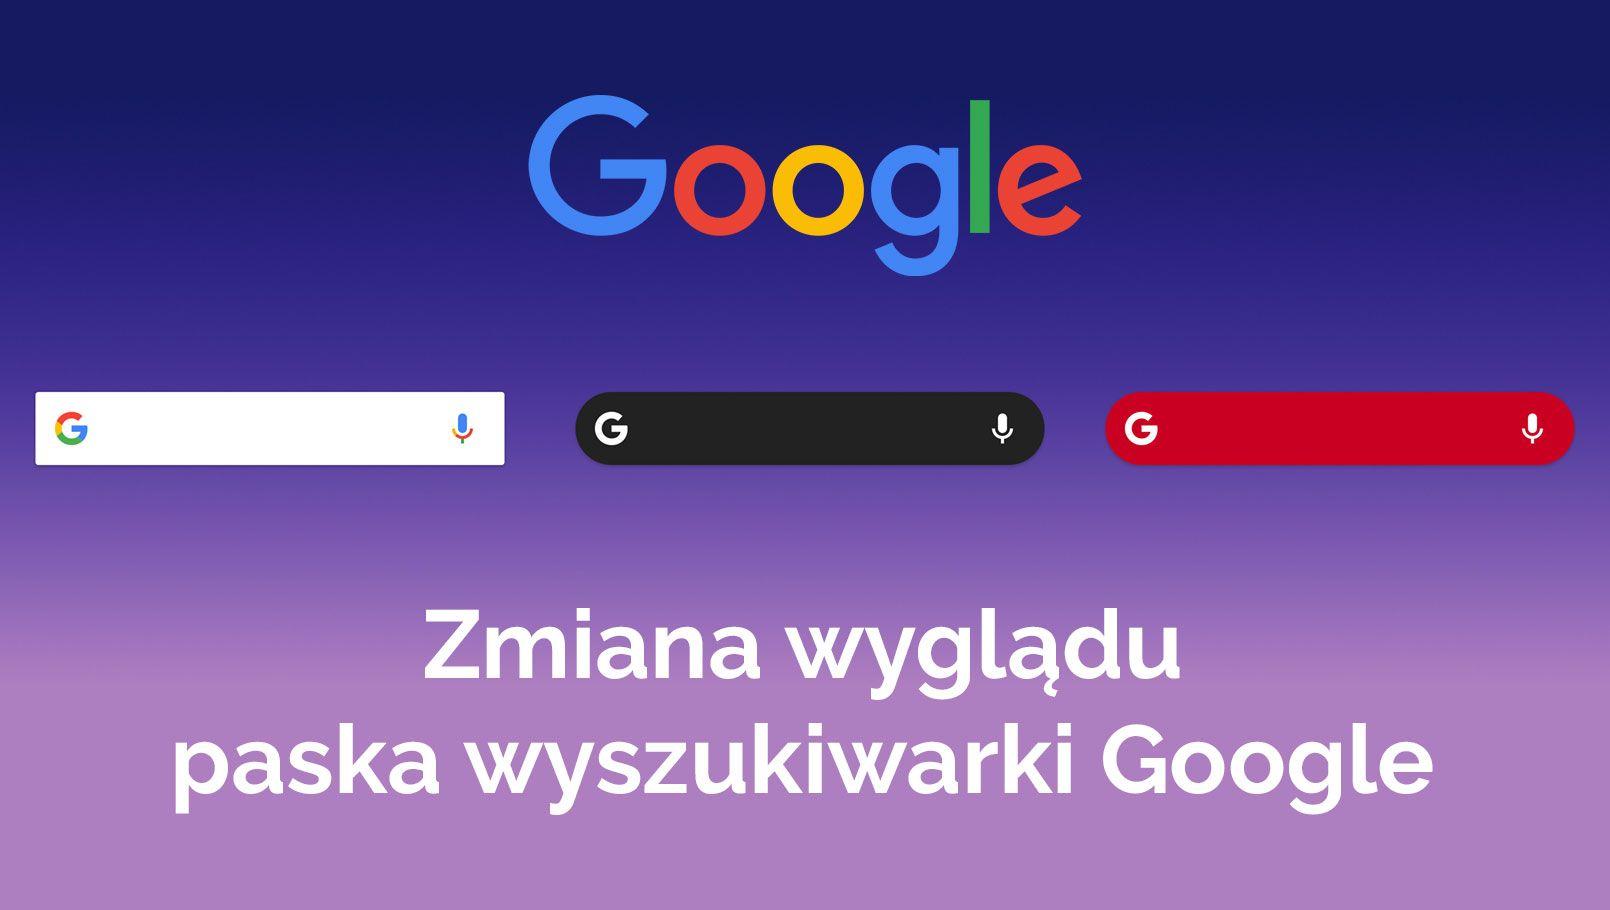 Как изменить внешний вид панели поиска Google на Android